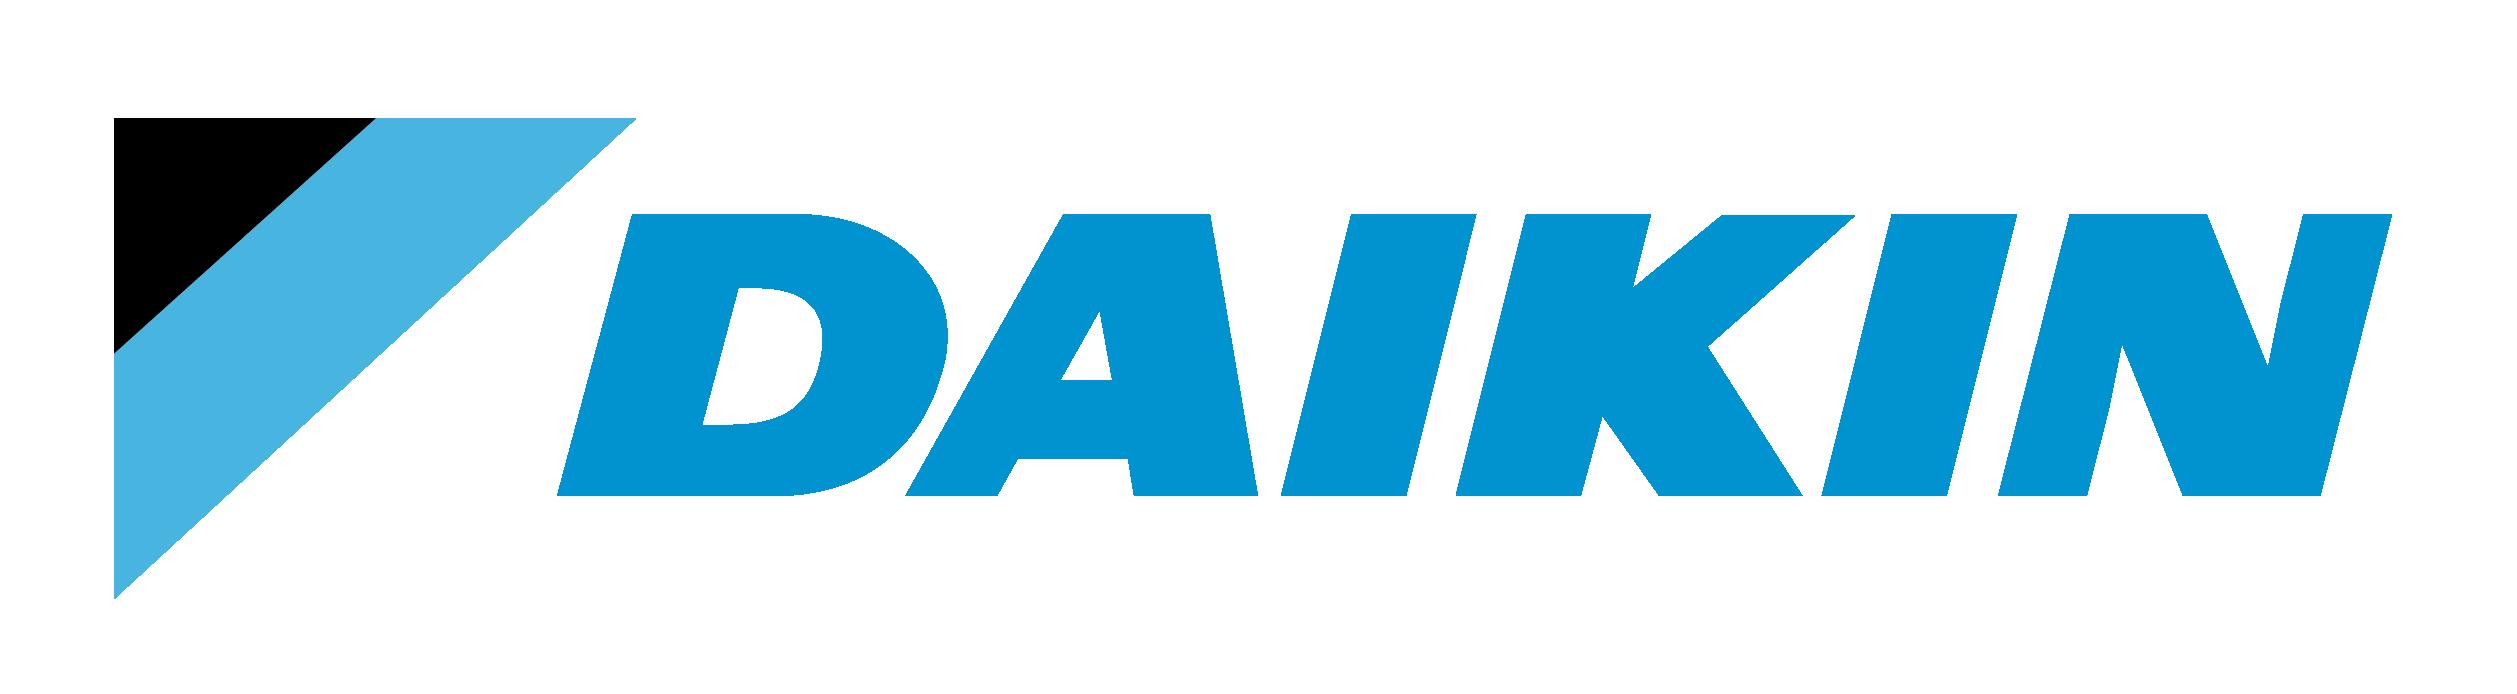 https://clickon.vn/wp-content/uploads/2021/10/logo-daikin-1.png